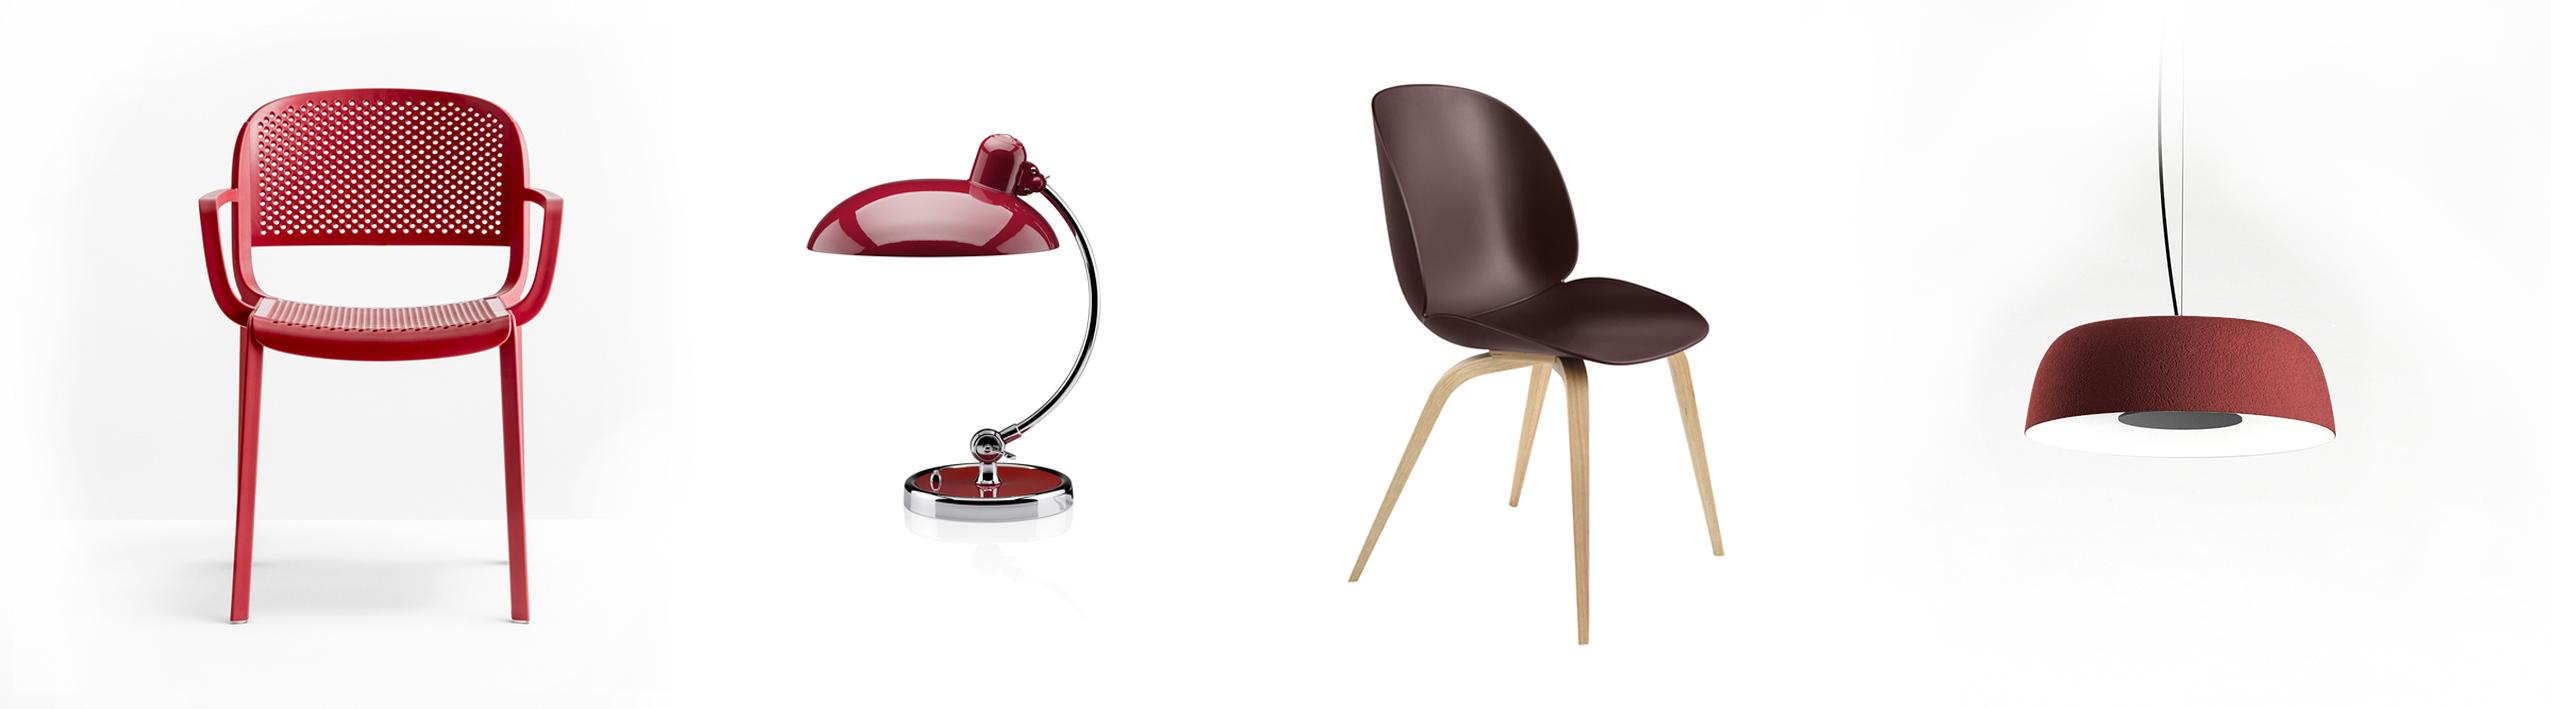 Pedrali Dome 266 Stuhl mit Armlehne, Kaiser Idell 6631-T Luxus Tischleuchte, Gubi Beetle Chair-Stuhl und Marset Djembé Pendelleuchte